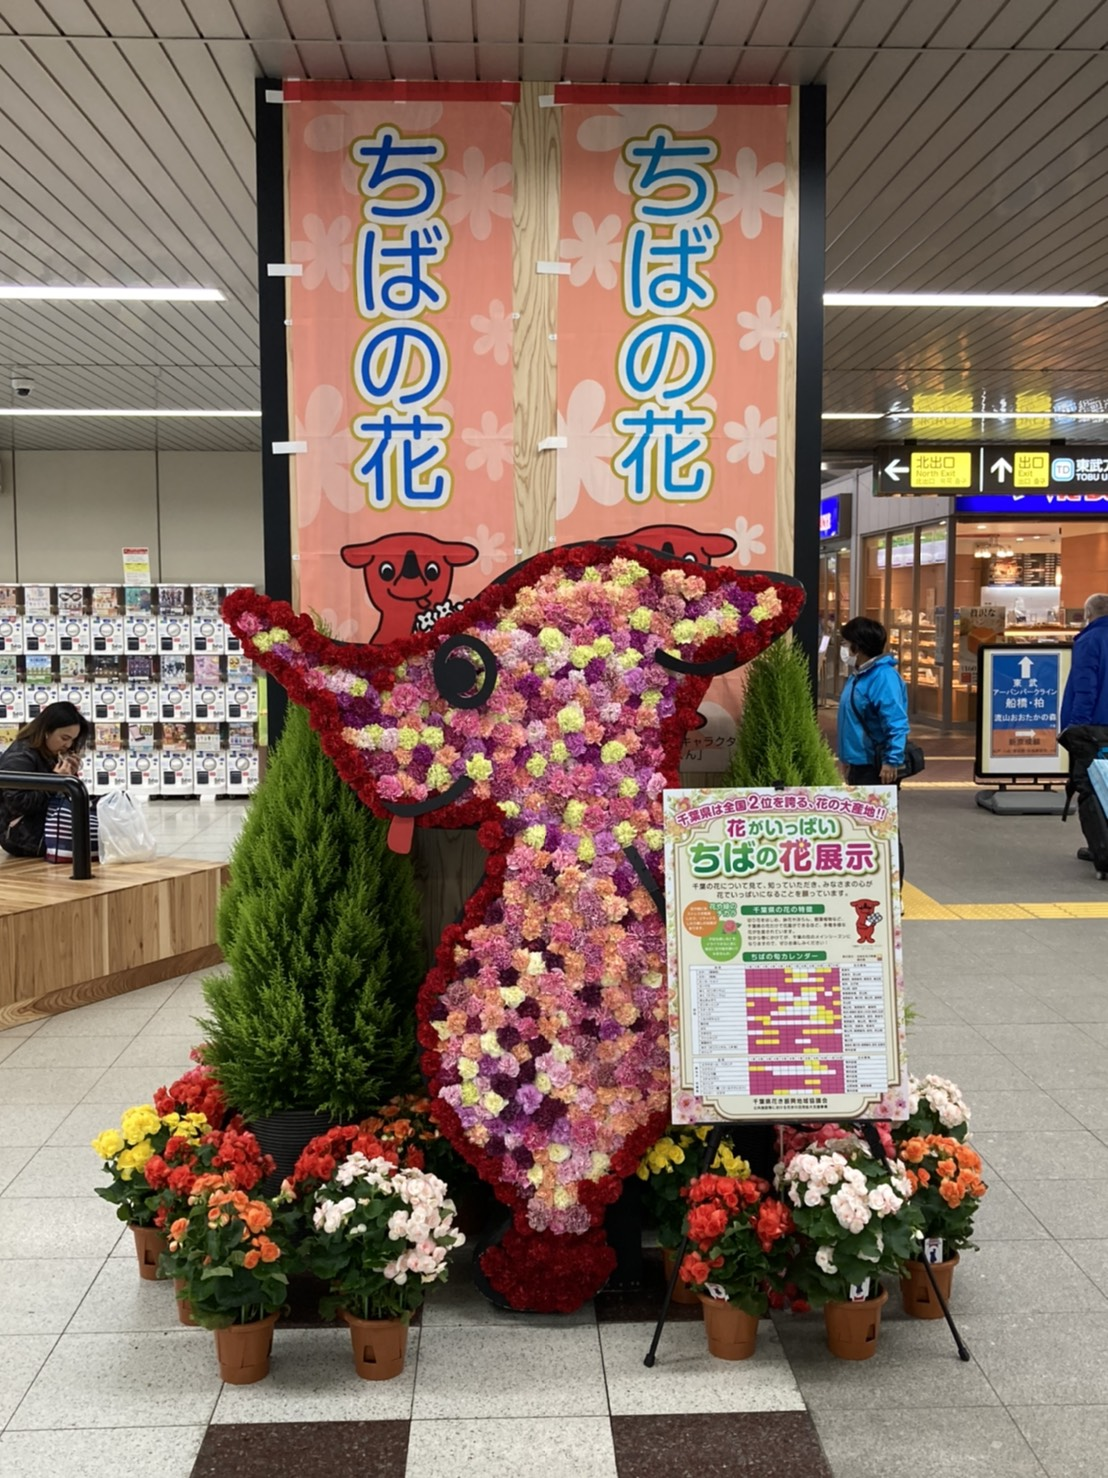 千葉県産のお花を応援!北総鉄道  新鎌ヶ谷駅でチーバくんのお花の展示がスタートしました